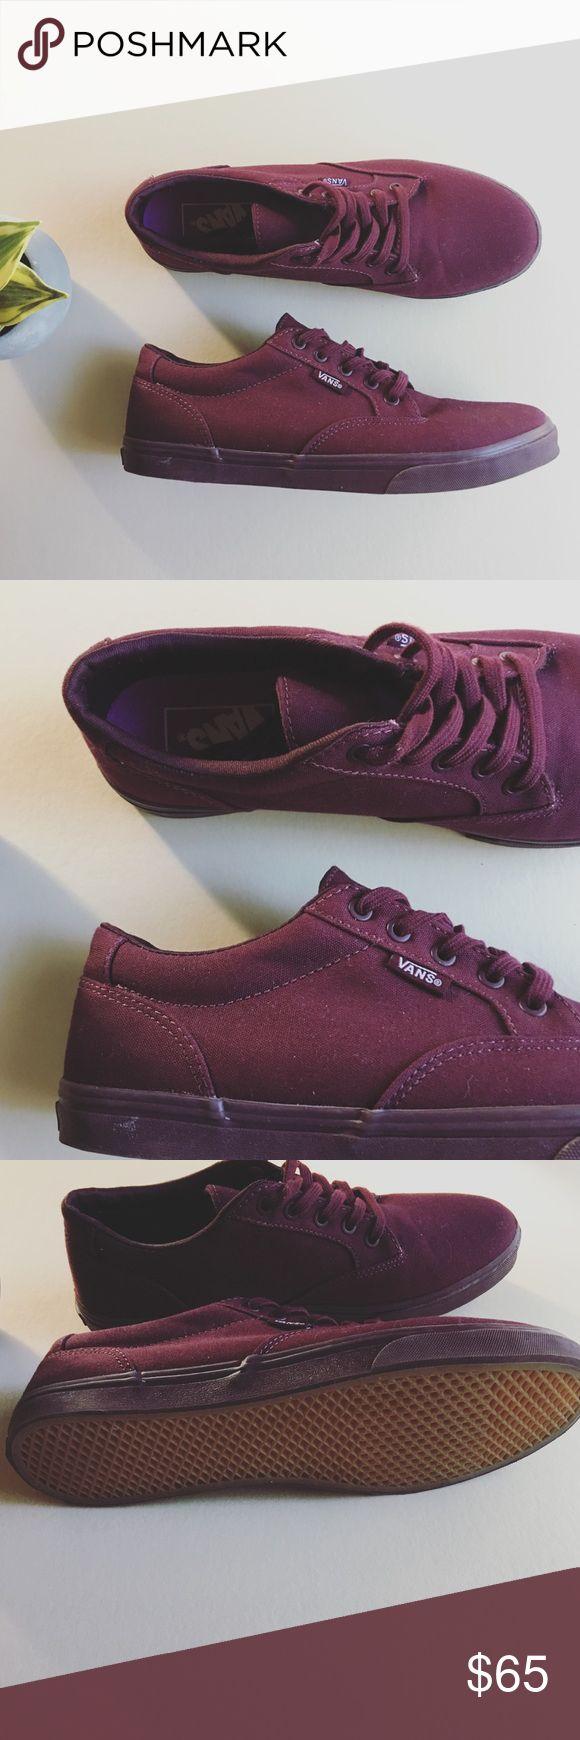 VANS | Authentic Skate Shoes VANS | Authentic Skate Shoes ⚡︎ DETAILS:  ⌁ BRAND: vans ⌁ FEATURES: classic vans canvas upper, rubber sole and lace closure; special edition ⌁ SIZE: 8 ⌁ COLOR: burgundy monochrome  ⌁ CONDITION: nwot ⌁ CONTENT: ✗ ⌁ CARE: ✗ ✘ no trades, no PayPal ✘    Instagram | SnapChat ⌁ @daniellevshanks Vans Shoes Sneakers